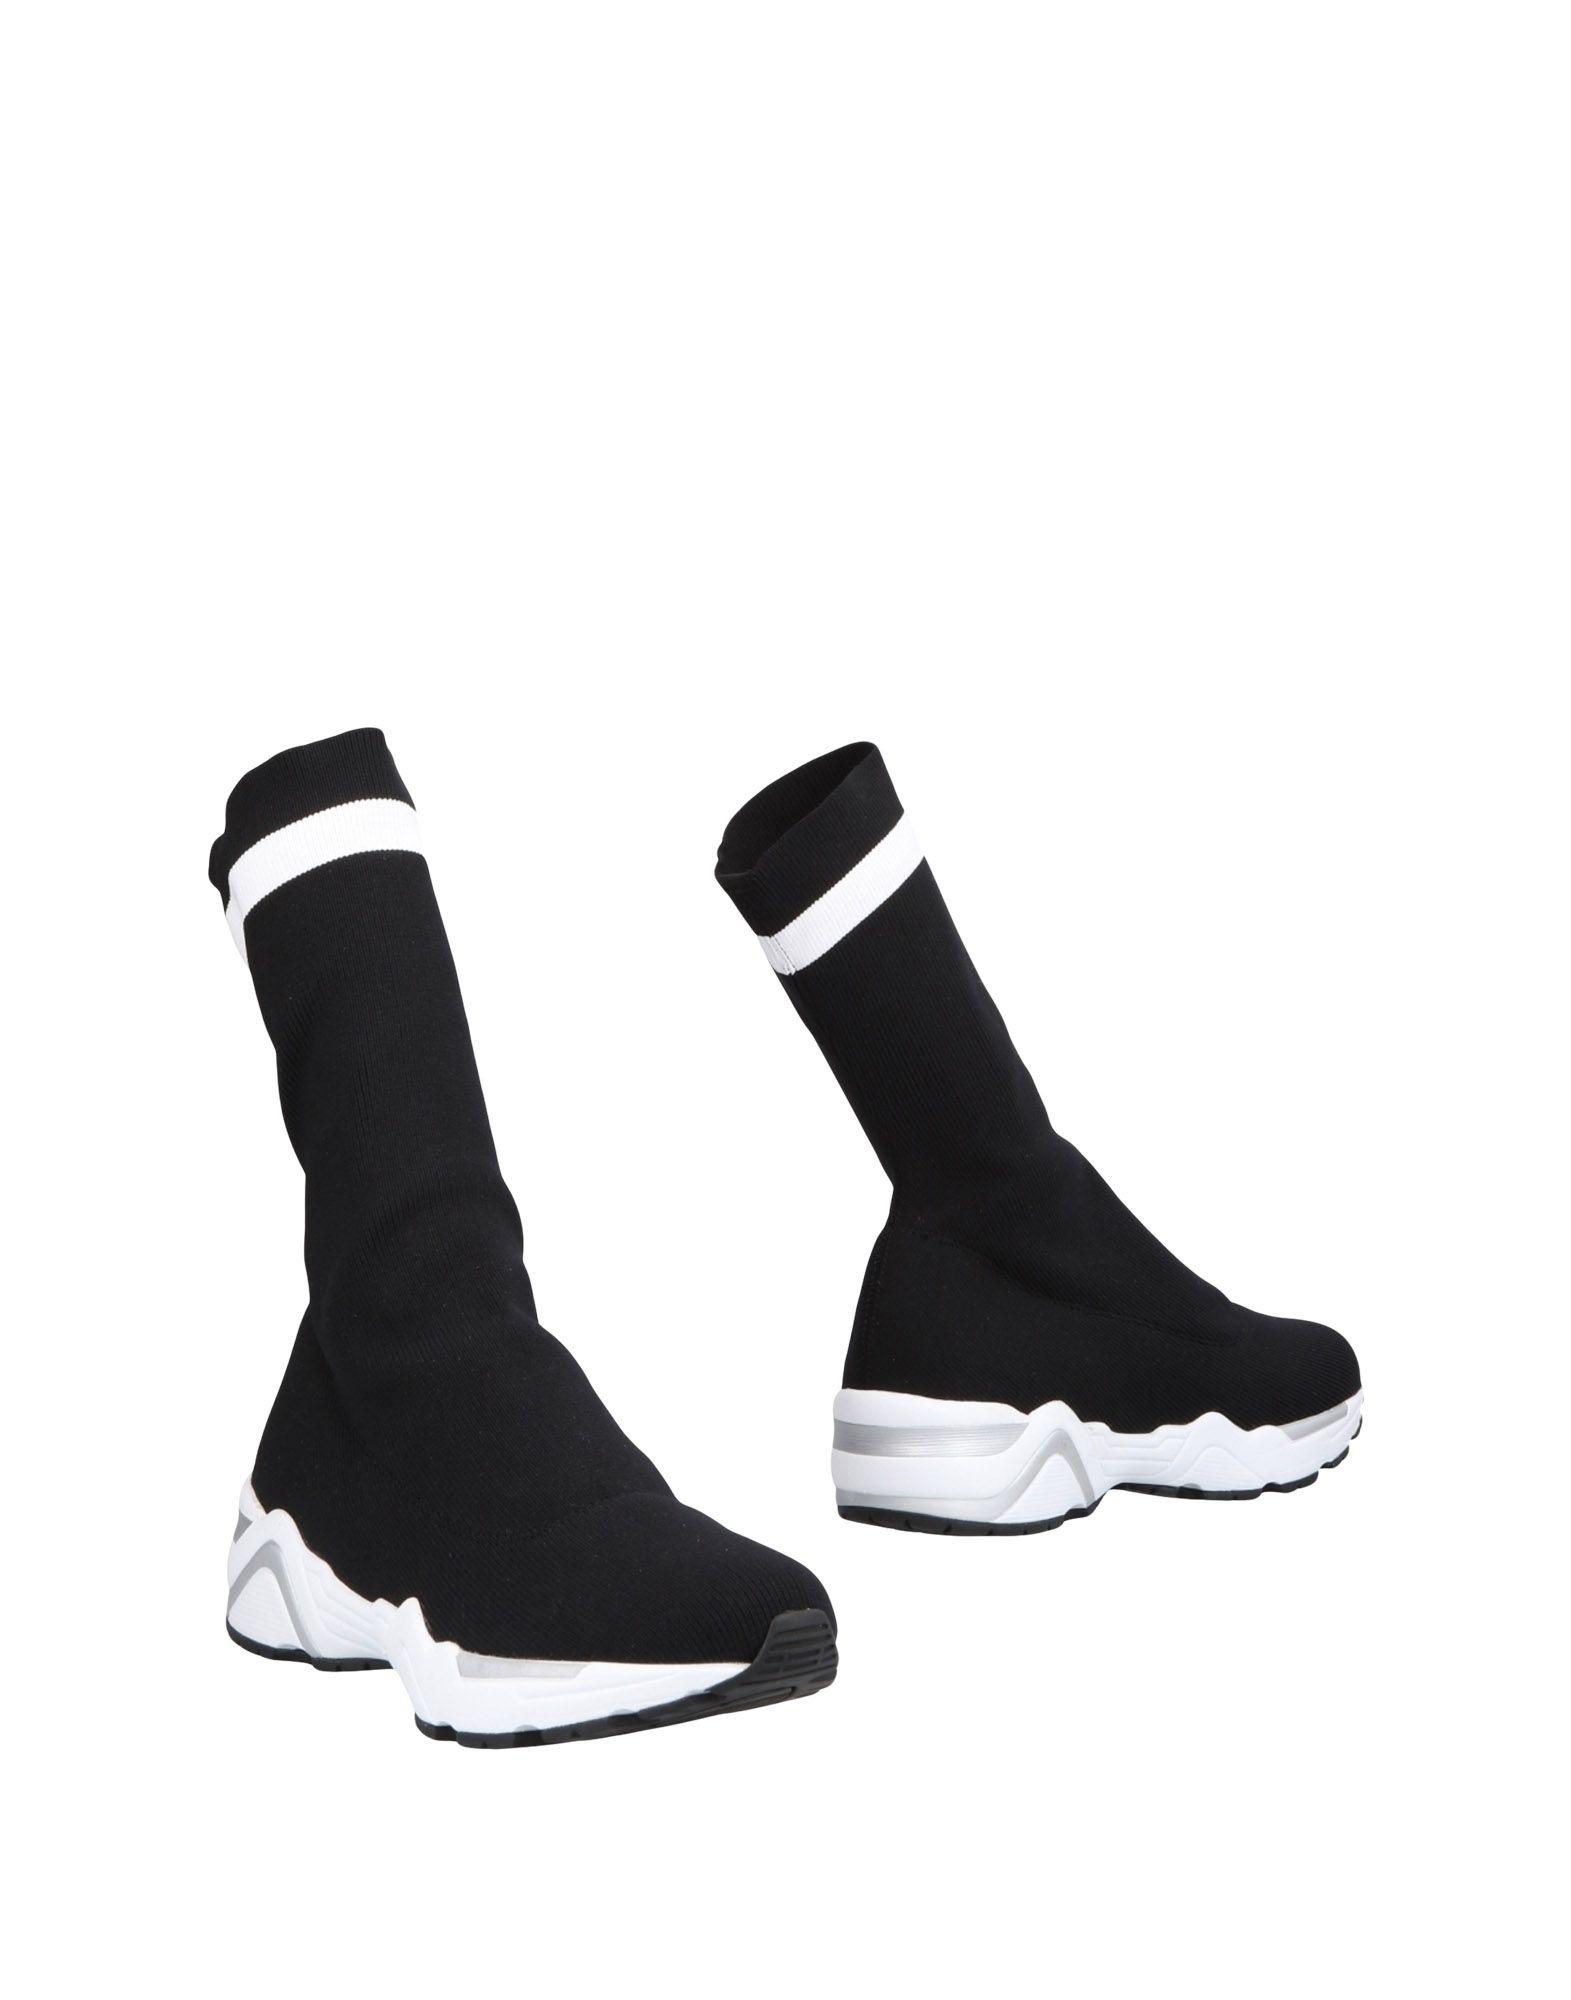 Suecomma Bonnie Stiefelette Damen  11453059KIGut aussehende strapazierfähige Schuhe